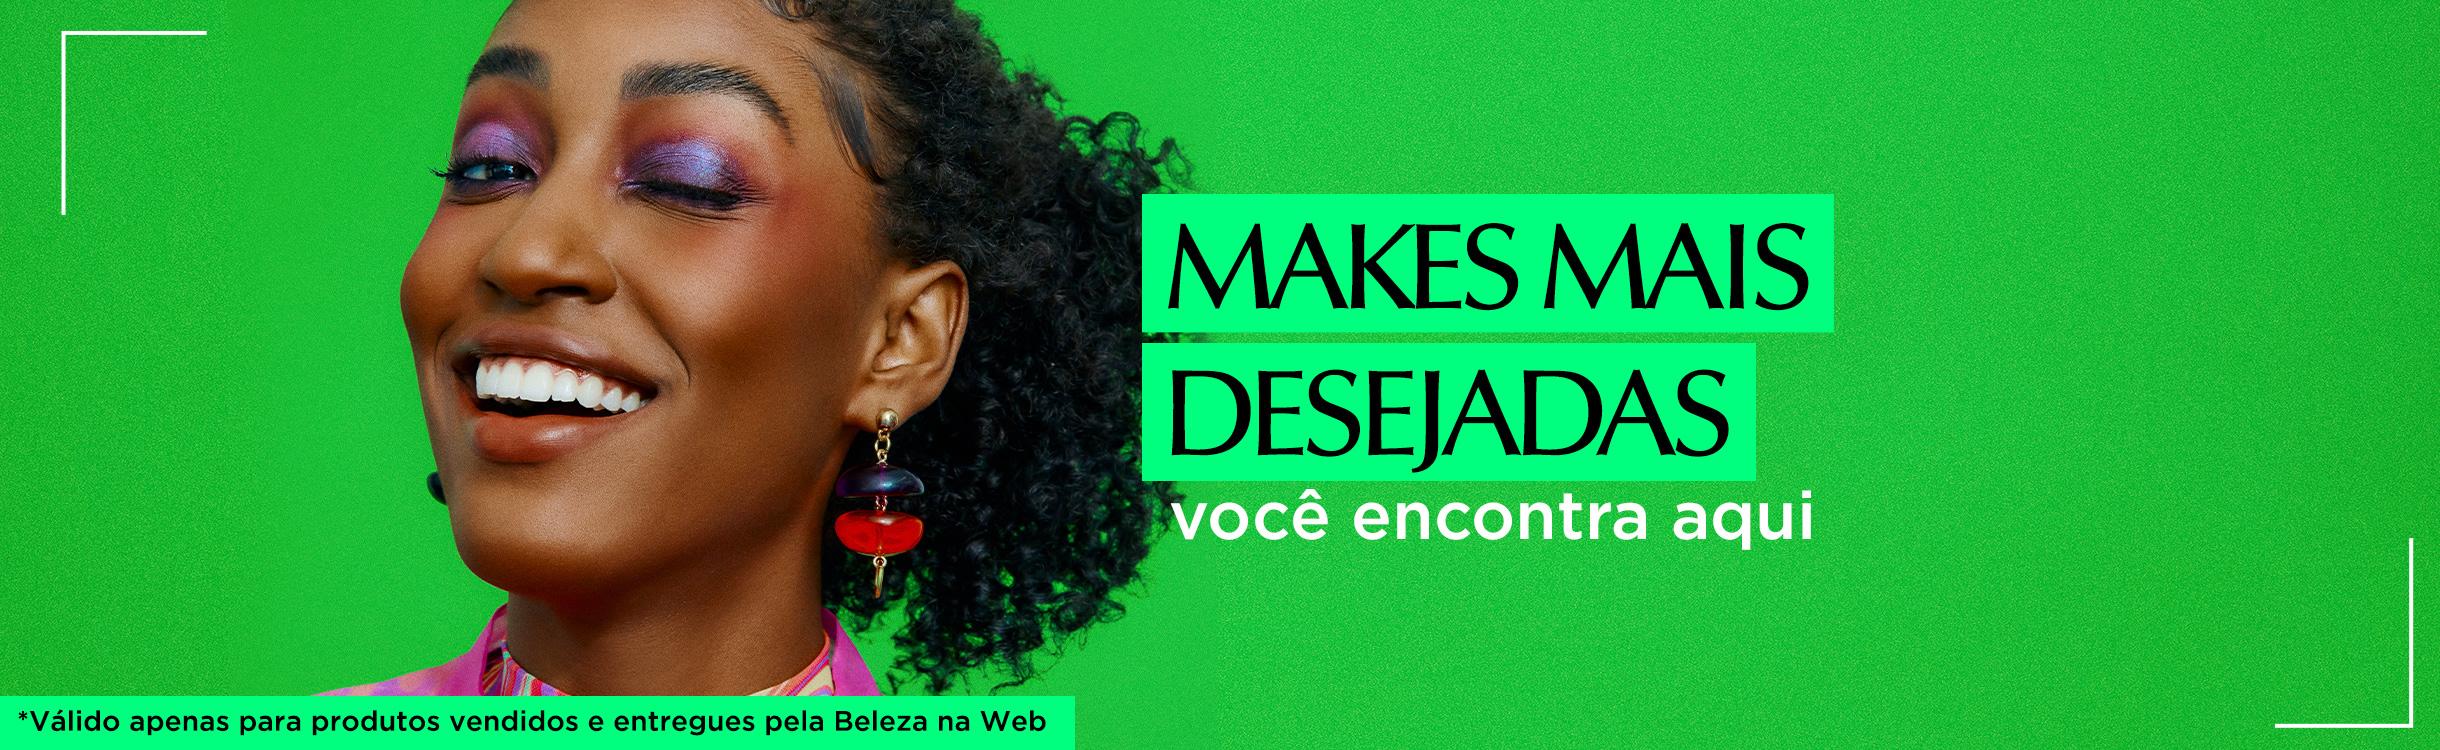 Desejos de Beleza | Makes